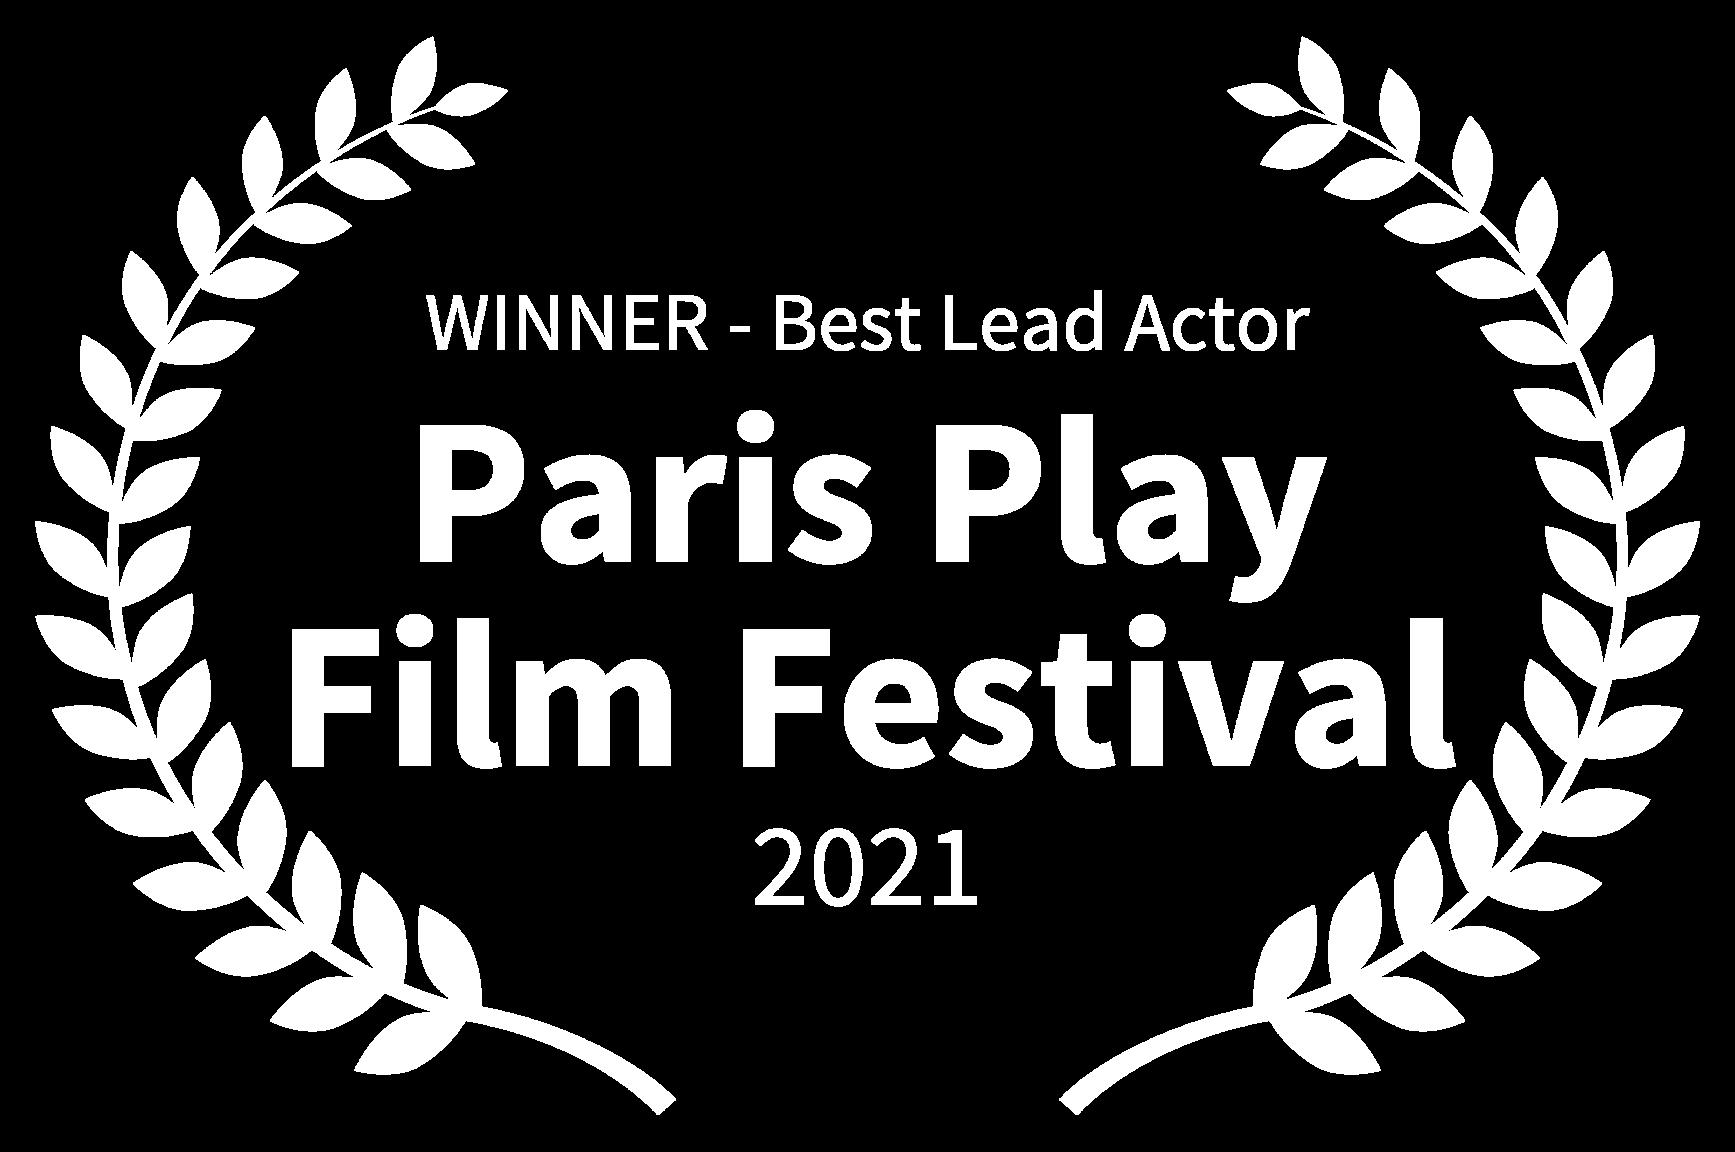 WINNER - Best Lead Actor - Paris Play Film Festival - 2021 (1)